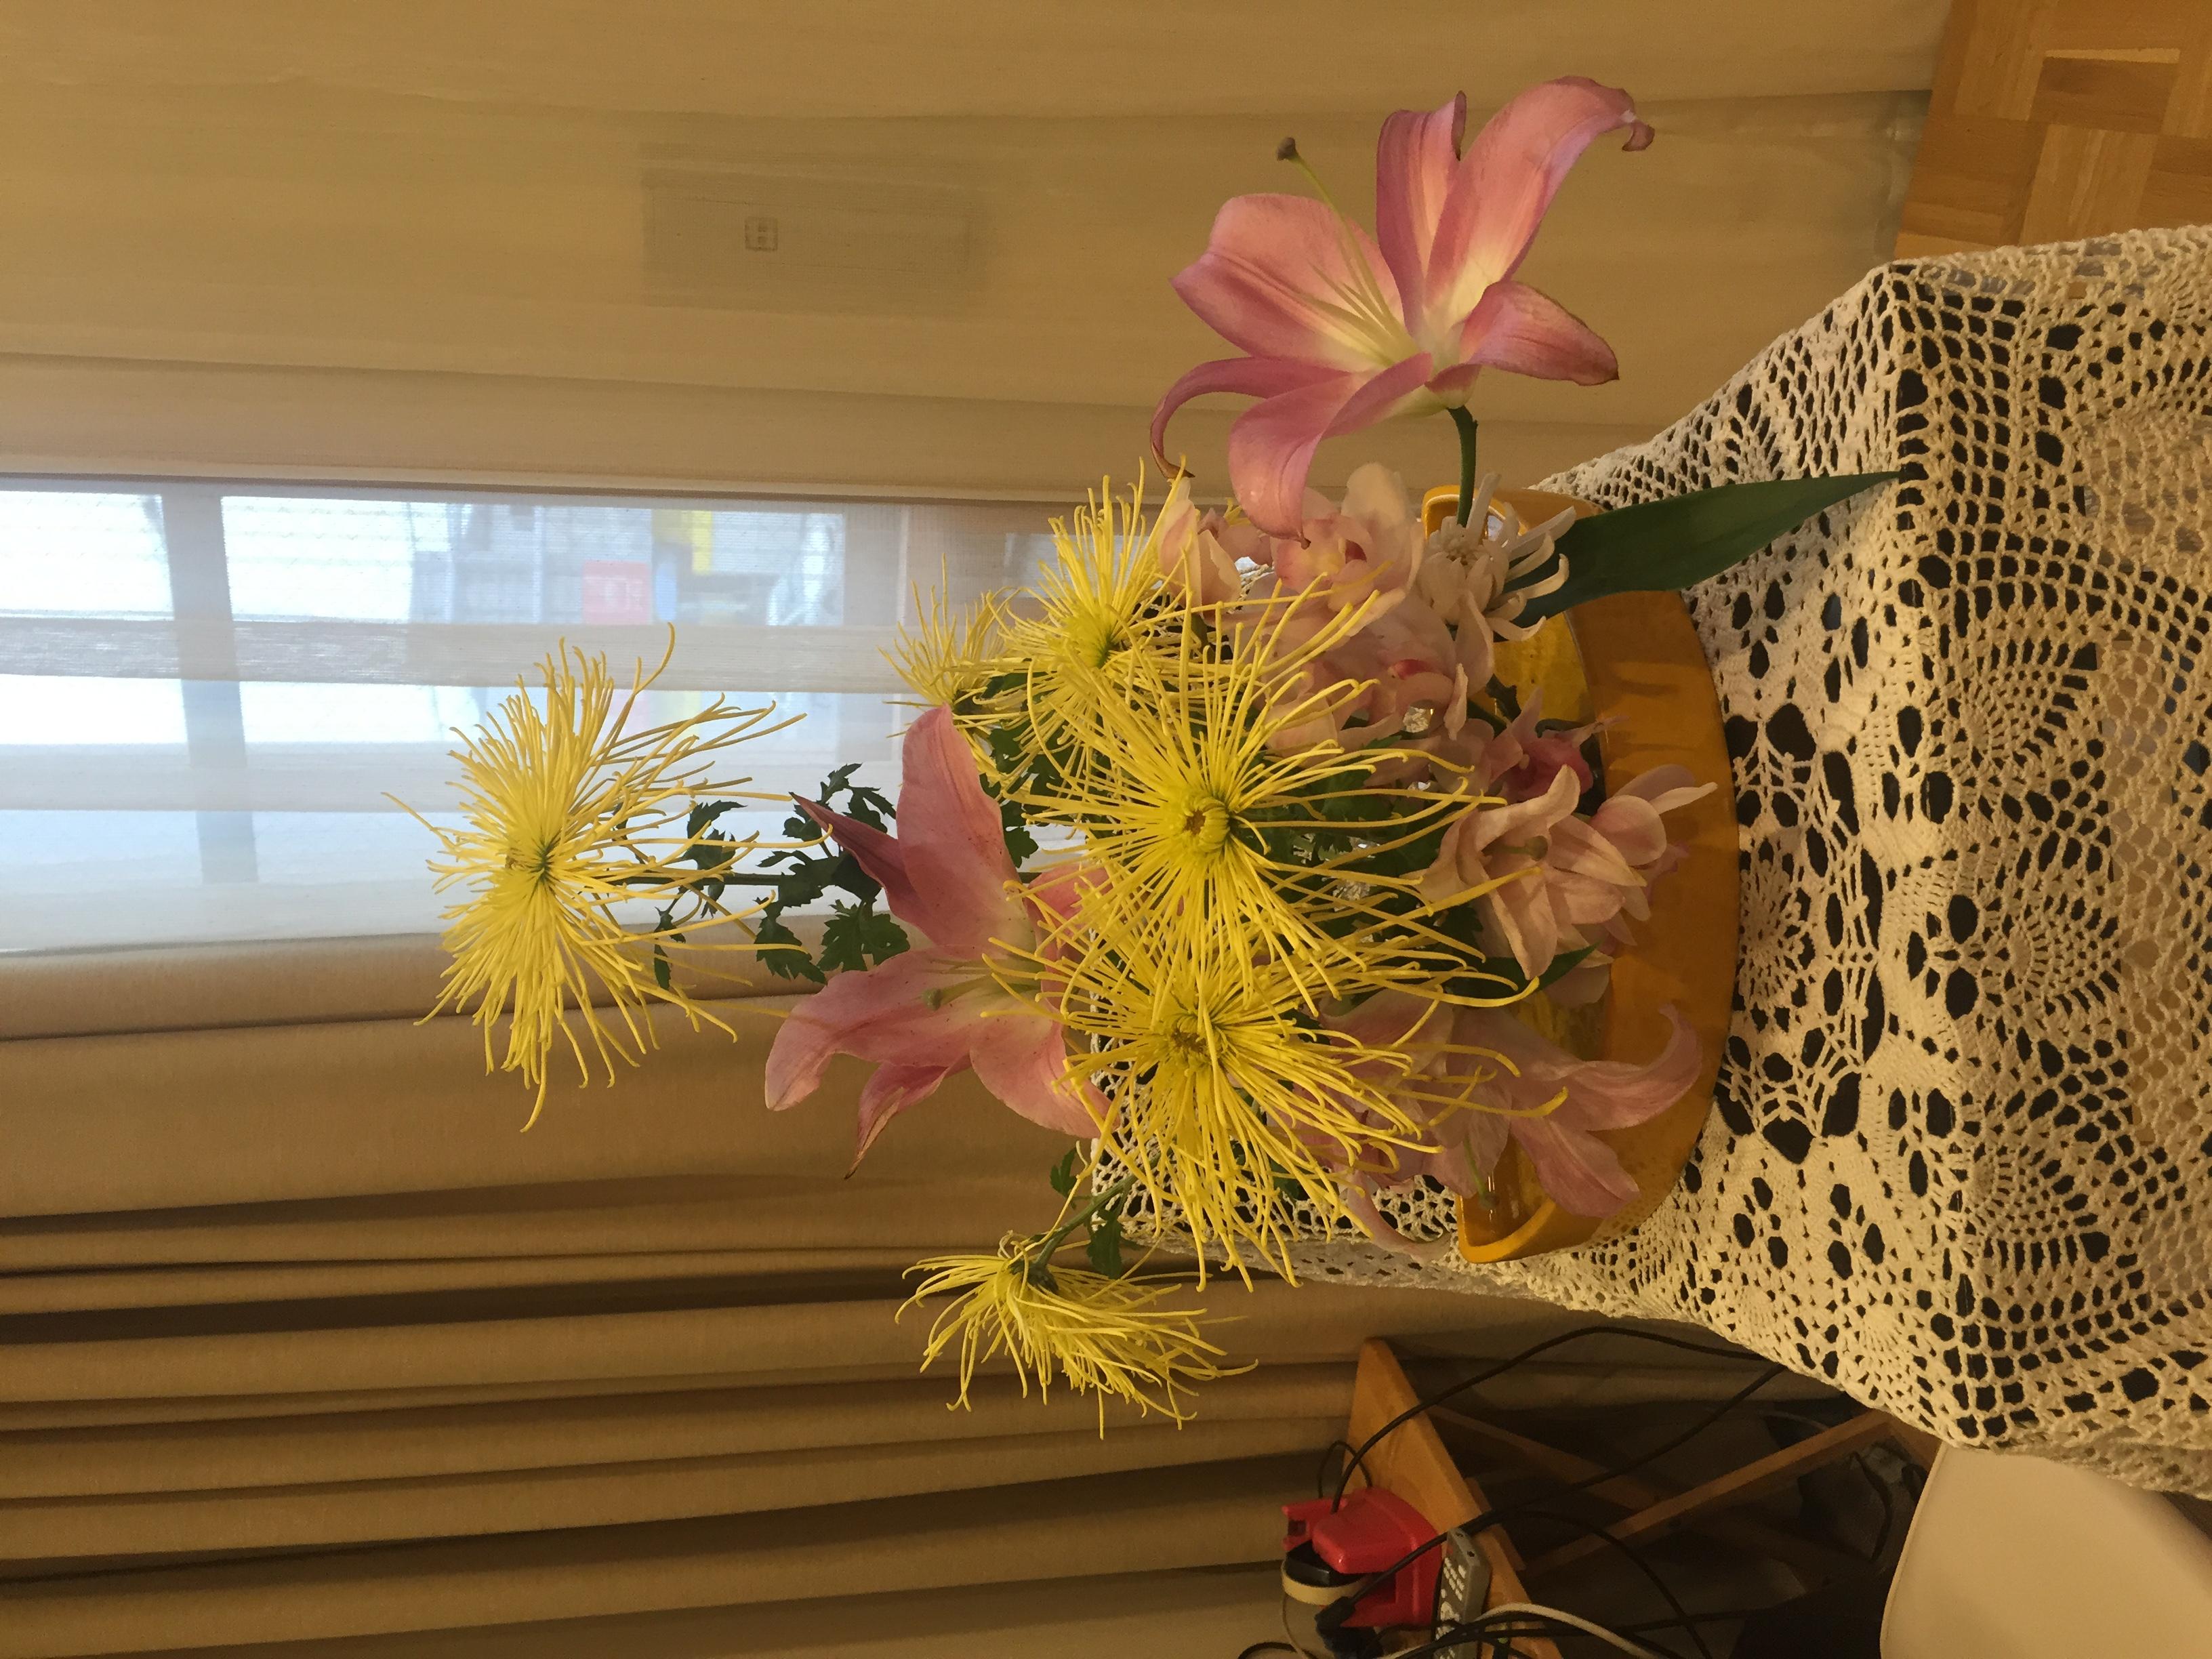 2016/1/17、聖日礼拝のお花